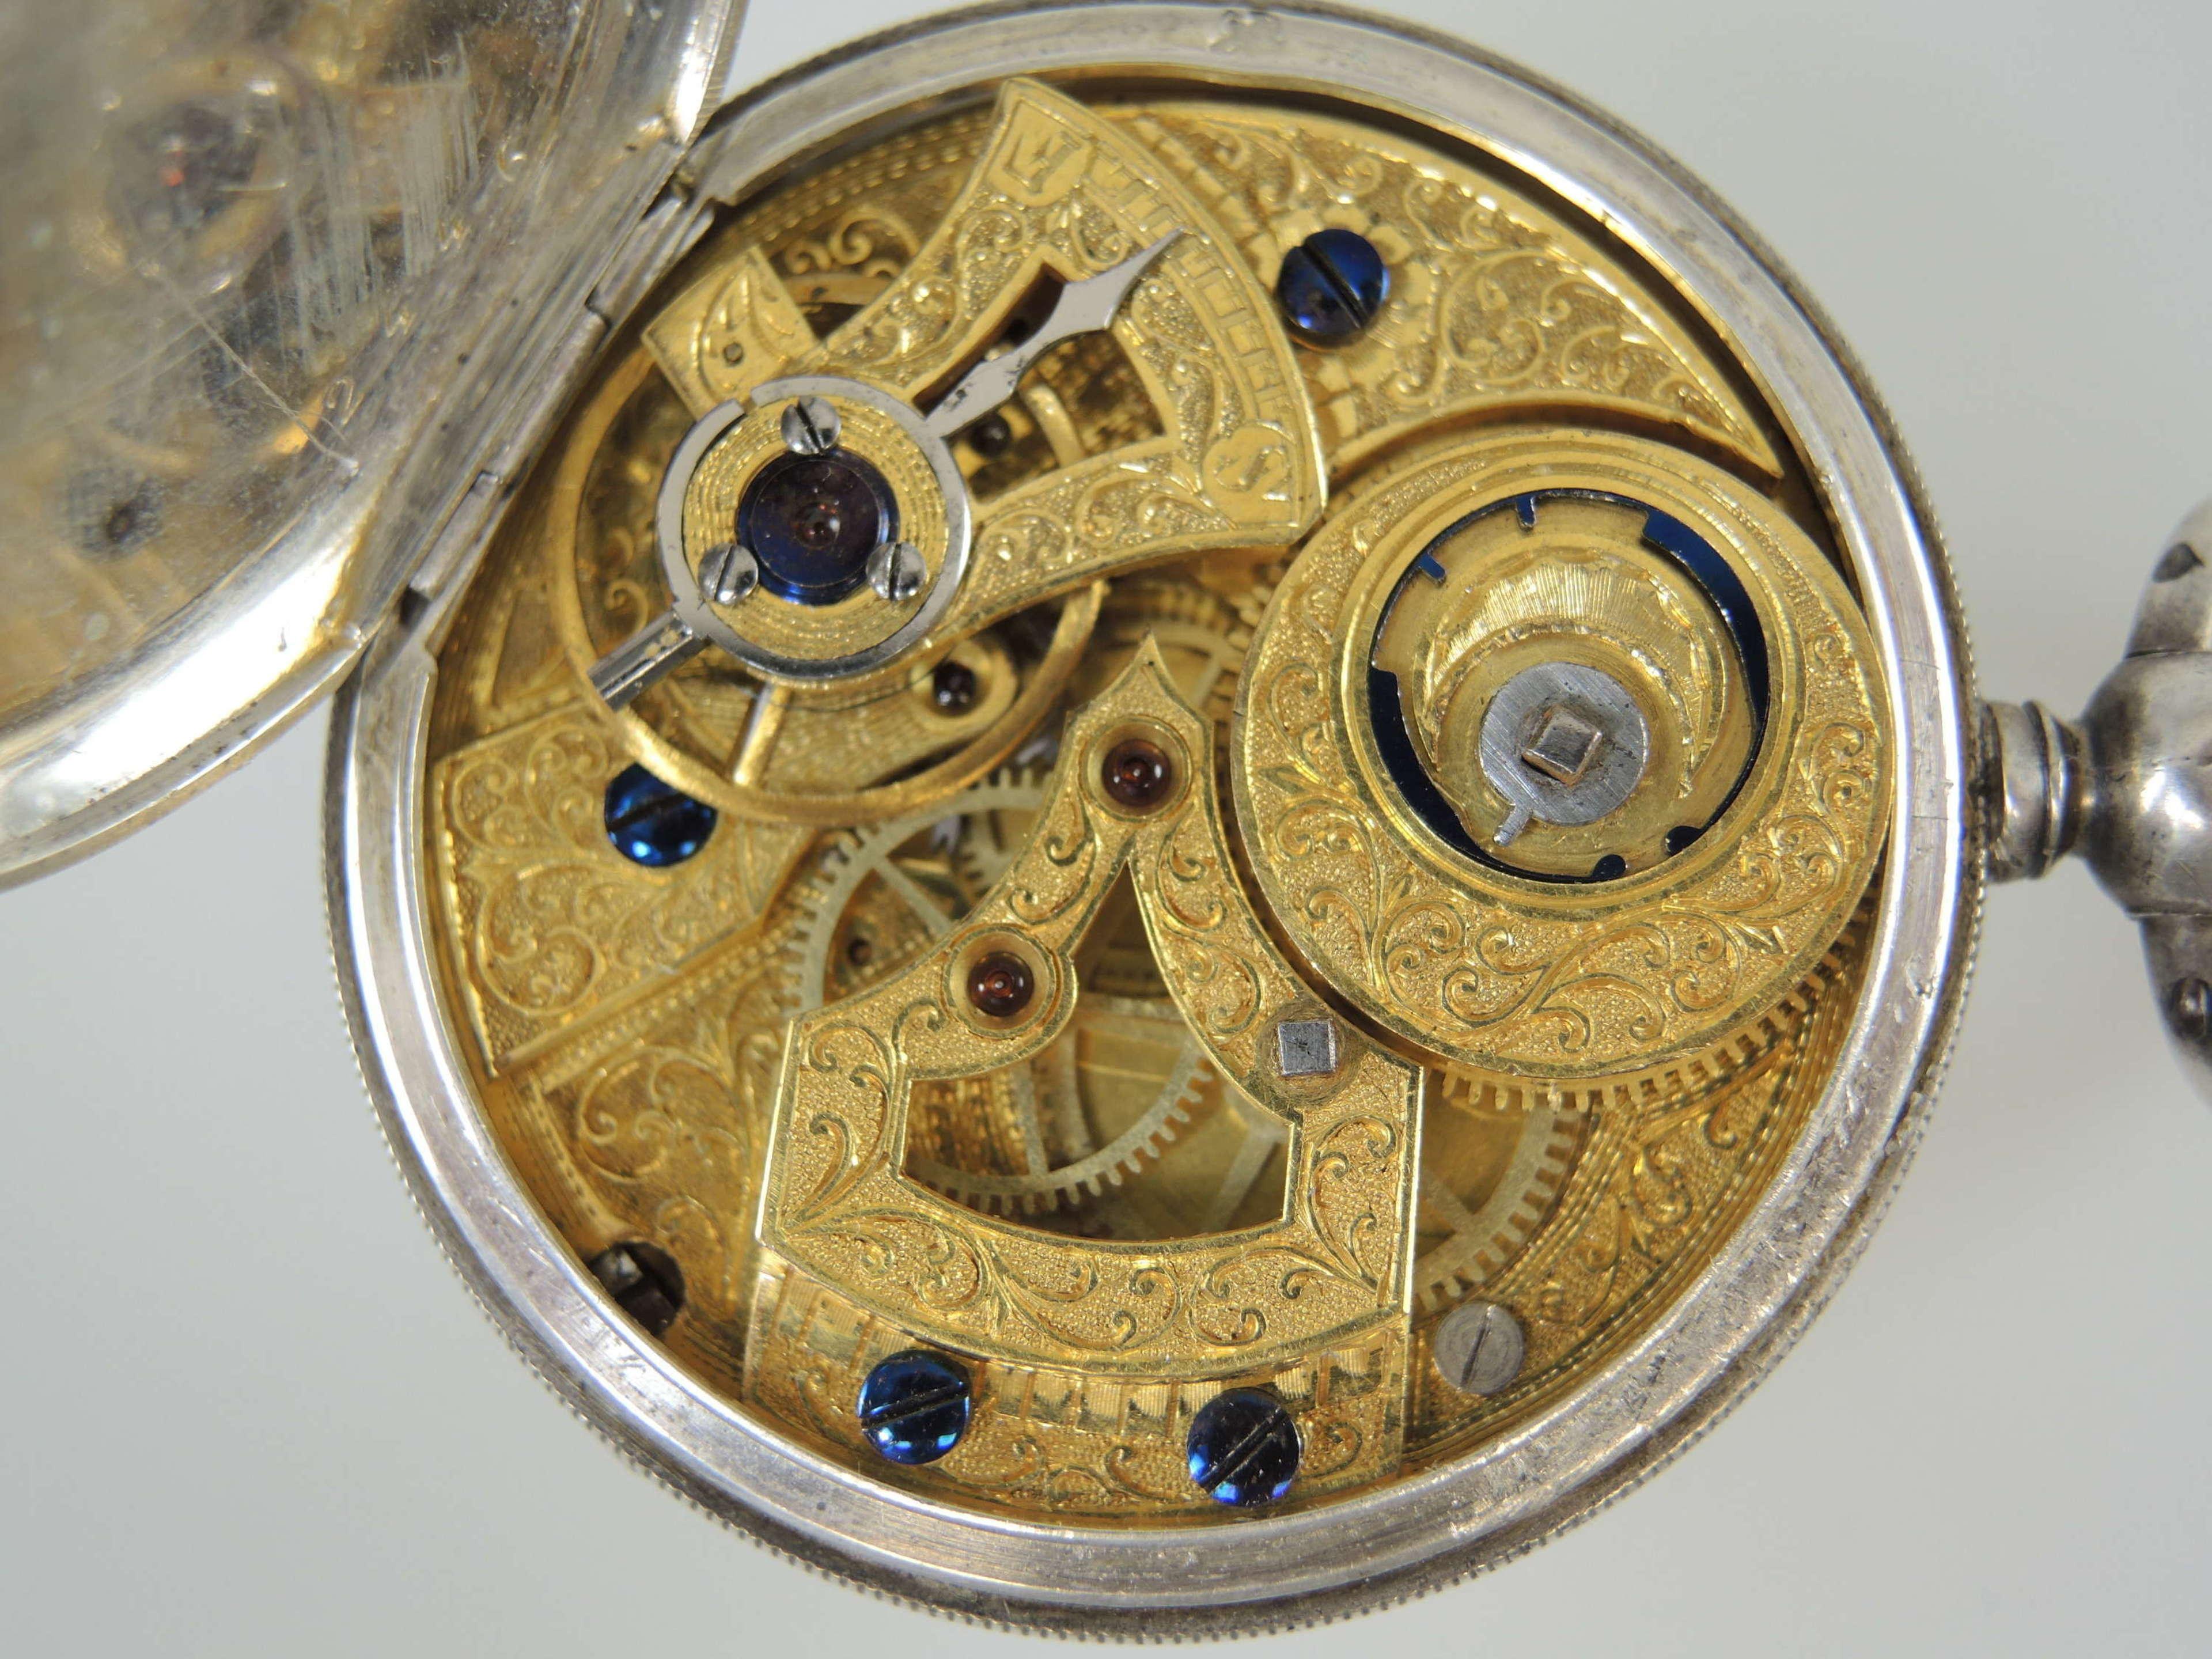 Silver Chinese Market Duplex pocket watch c1850